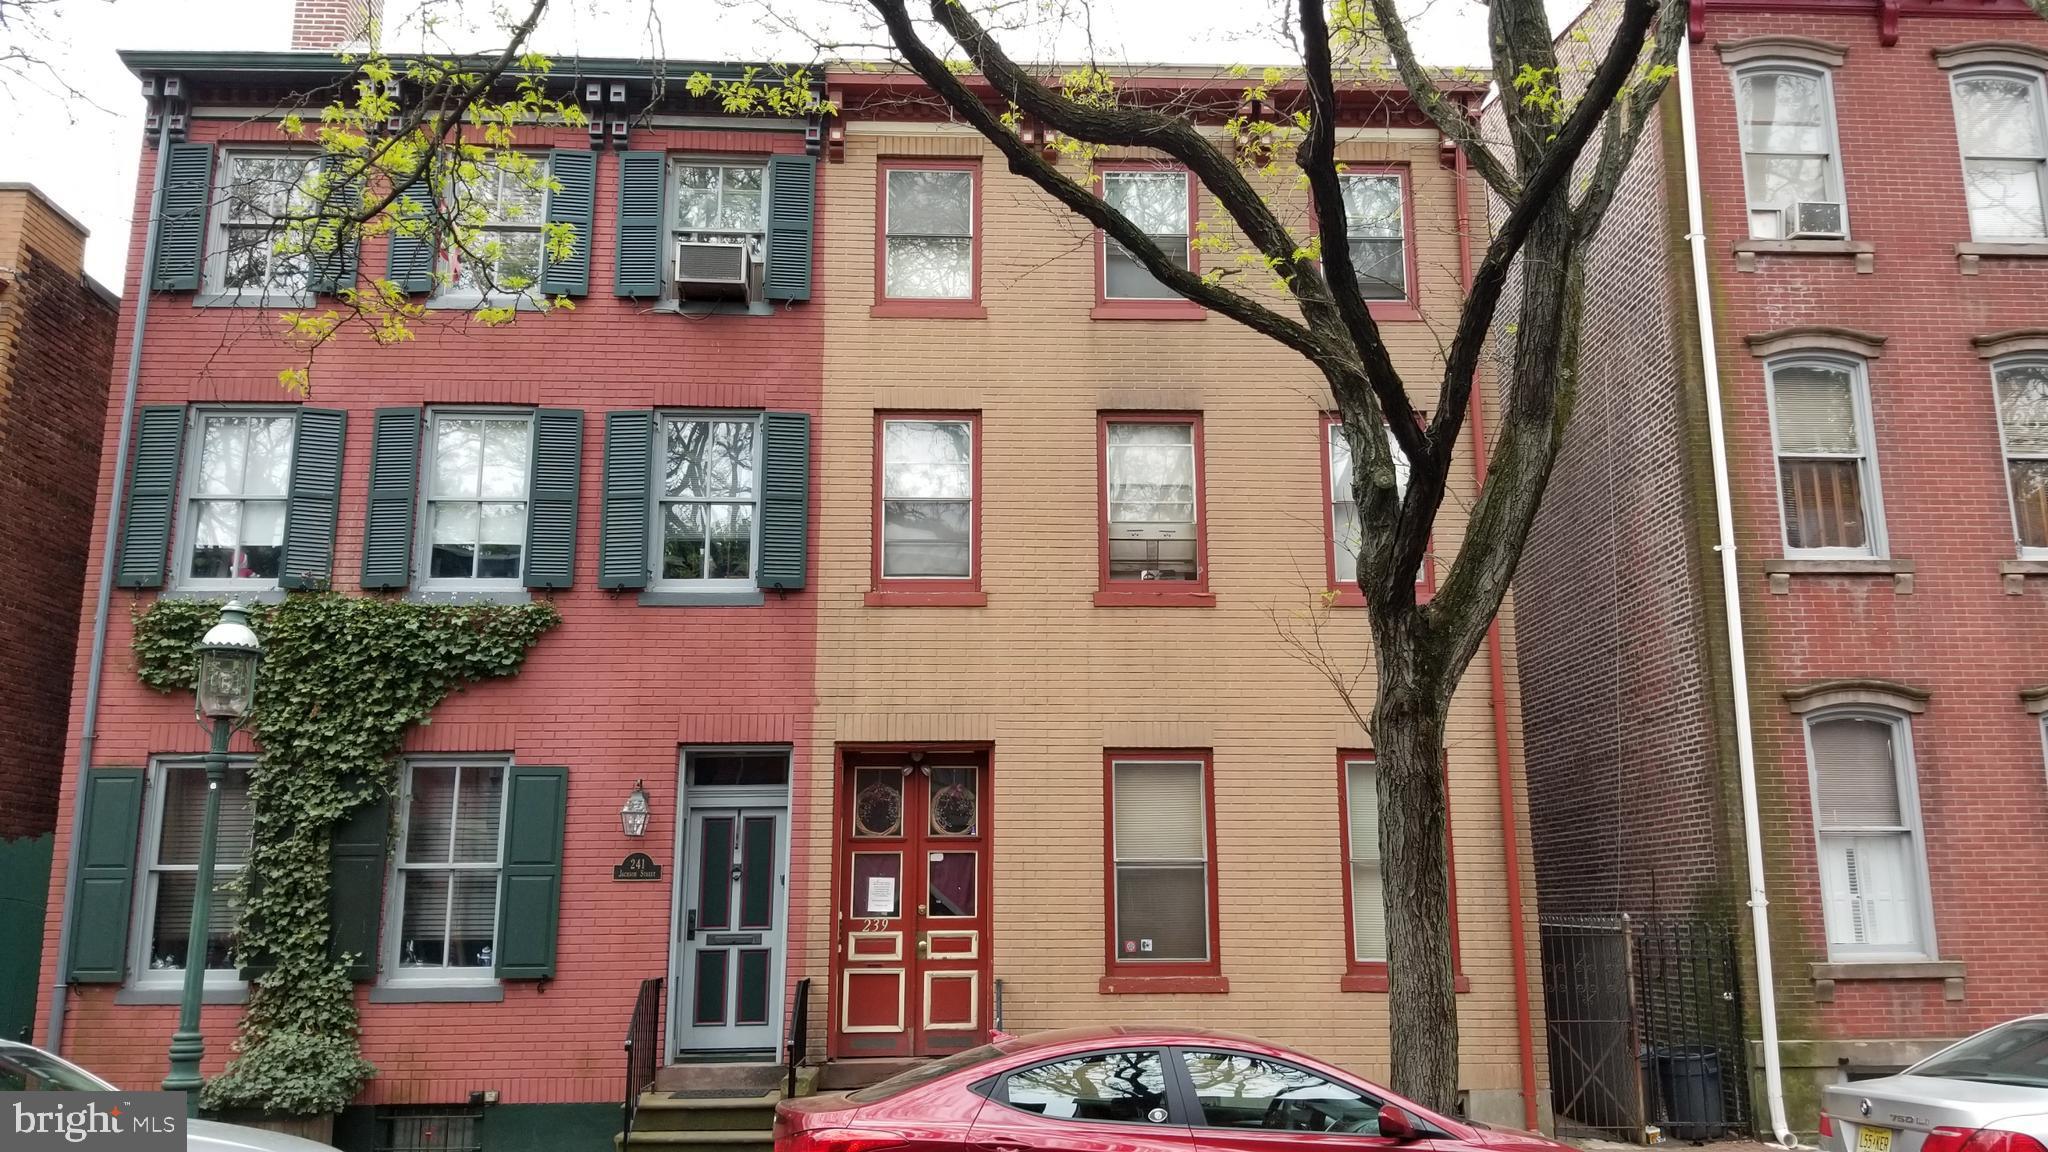 239 JACKSON STREET, TRENTON, NJ 08611